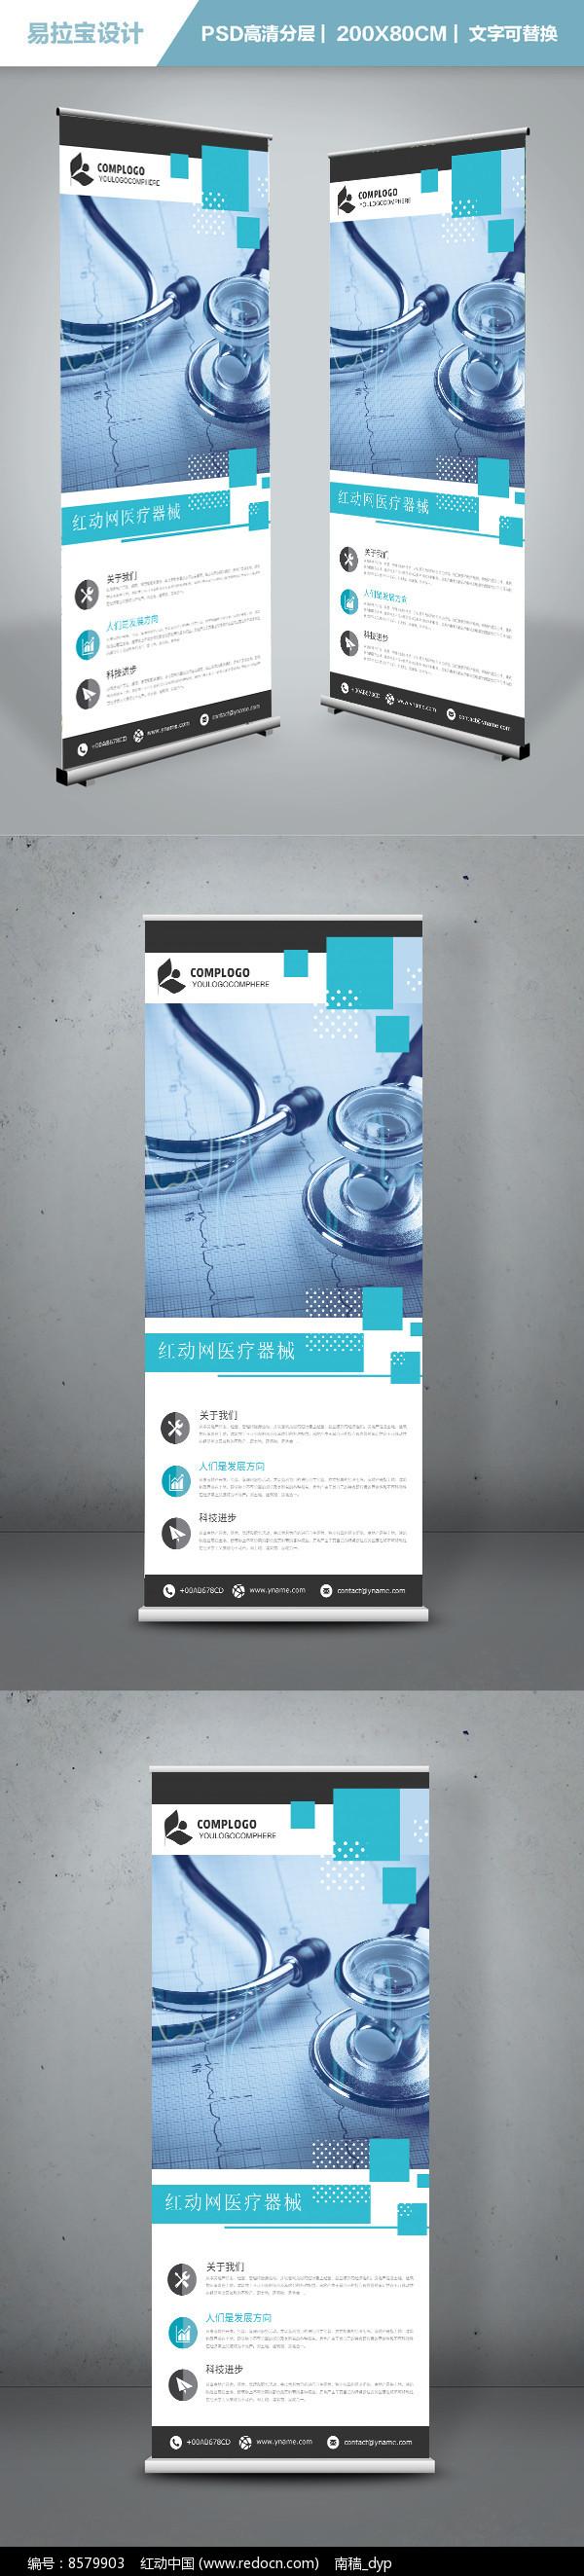 蓝色医疗机械企业简介易拉宝图片